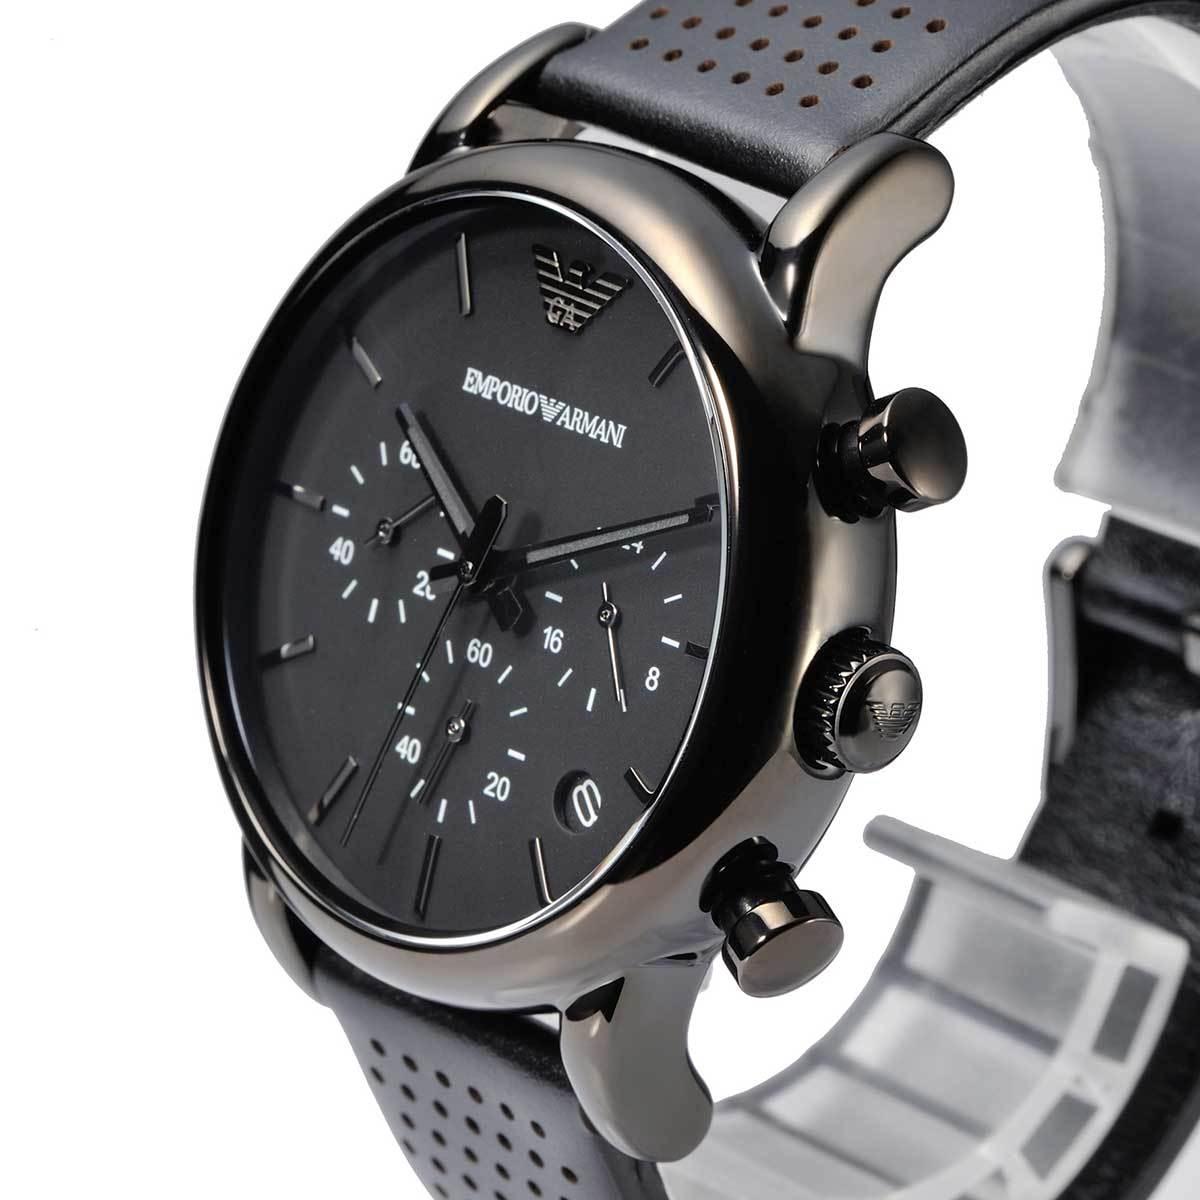 По всем вопросам обращайтесь по телефону 8 () 97  на сайте livening-russia.ru вы можете купить наручные часы armani с доставкой по перми.